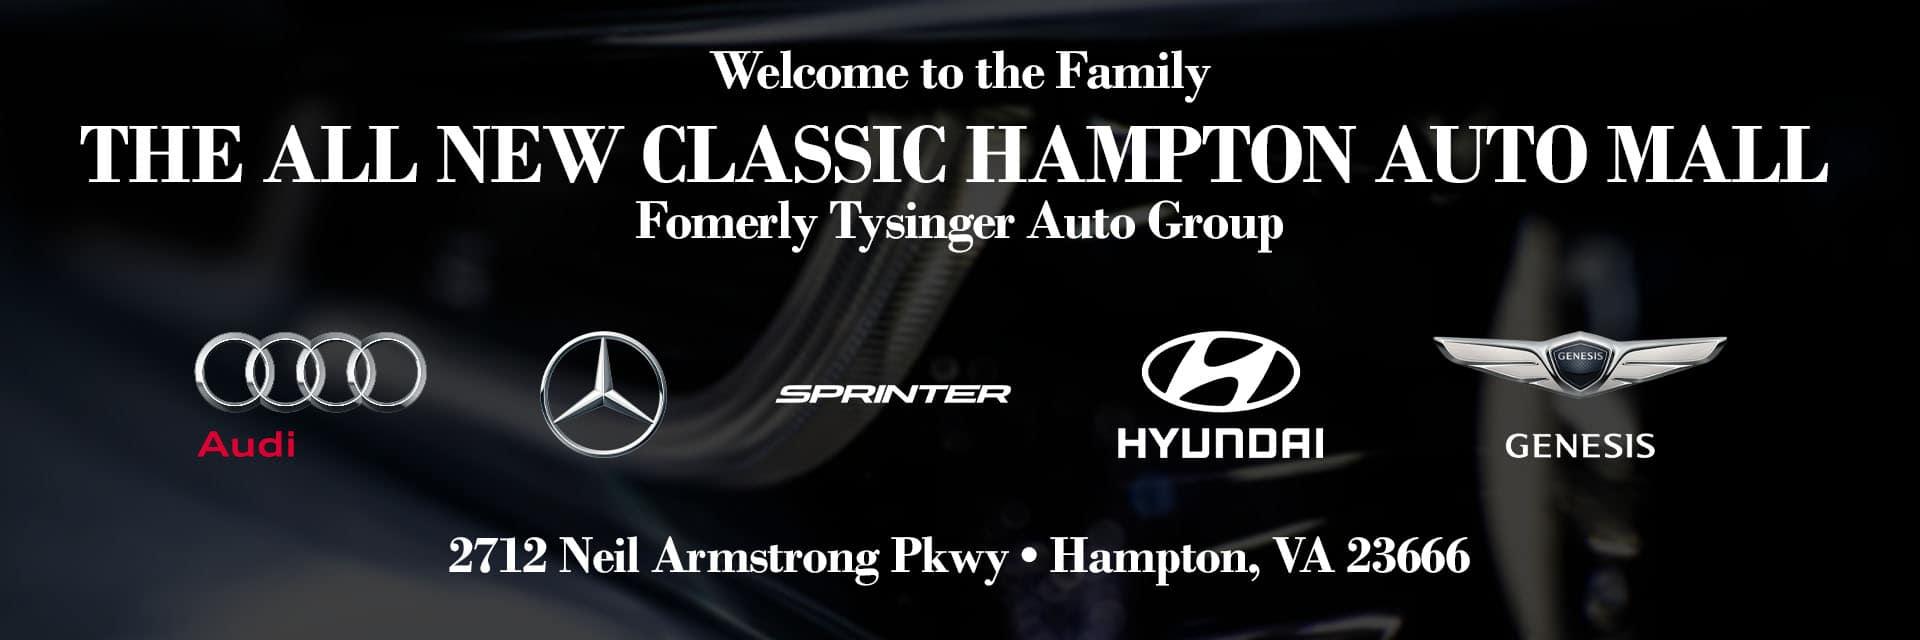 Classic Hampton Auto Mall GraphicsArtboard 5